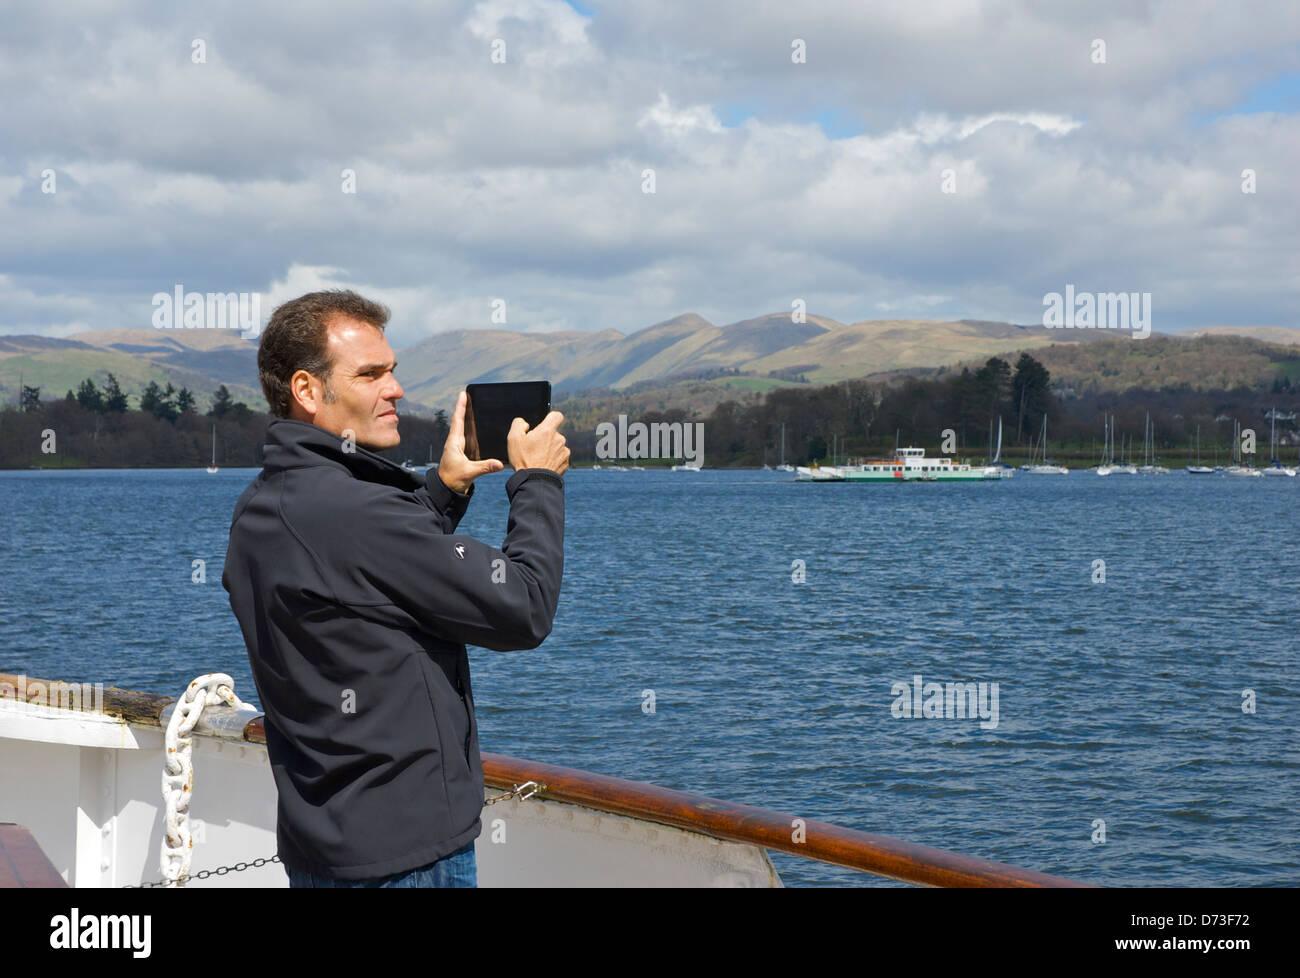 L'homme de prendre des photos avec son iPad, le lac Windermere, Parc National de Lake District, Cumbria, Angleterre, Photo Stock